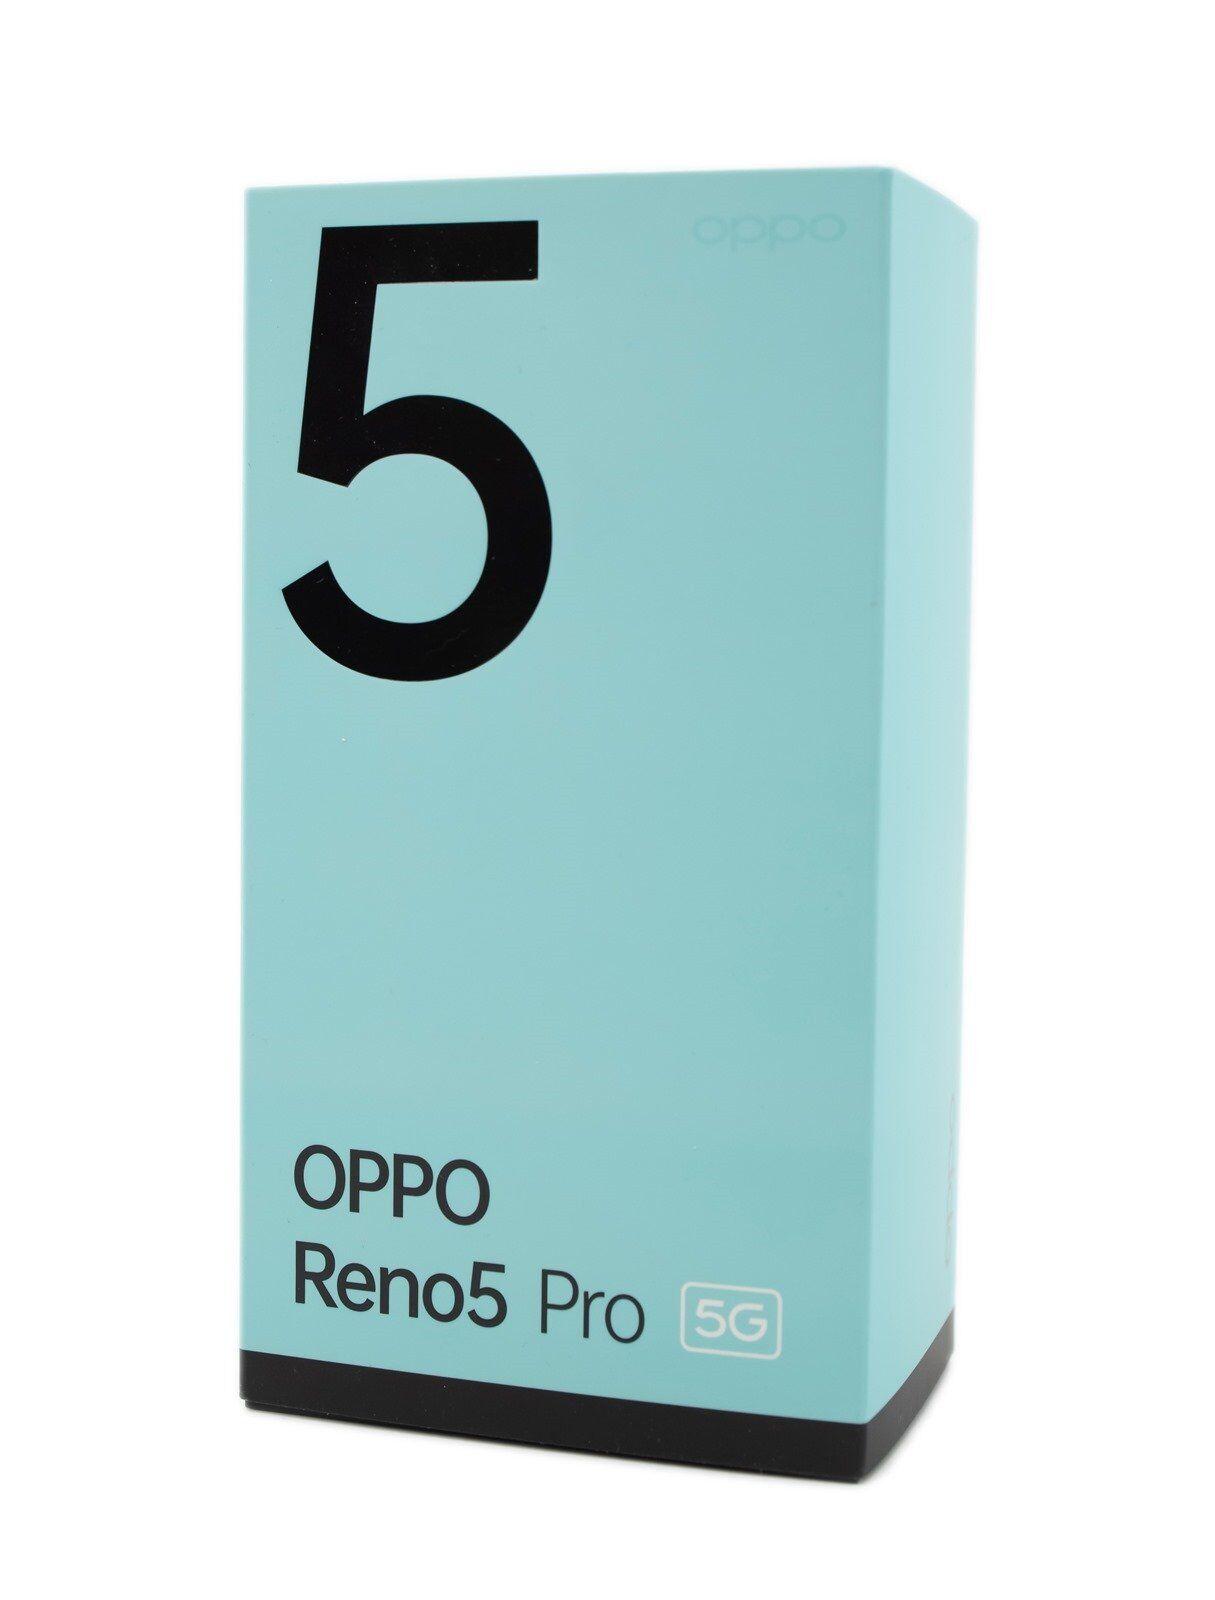 [影片] 極致輕薄美型 OPPO Reno 5 Pro 開箱完整評測 @3C 達人廖阿輝